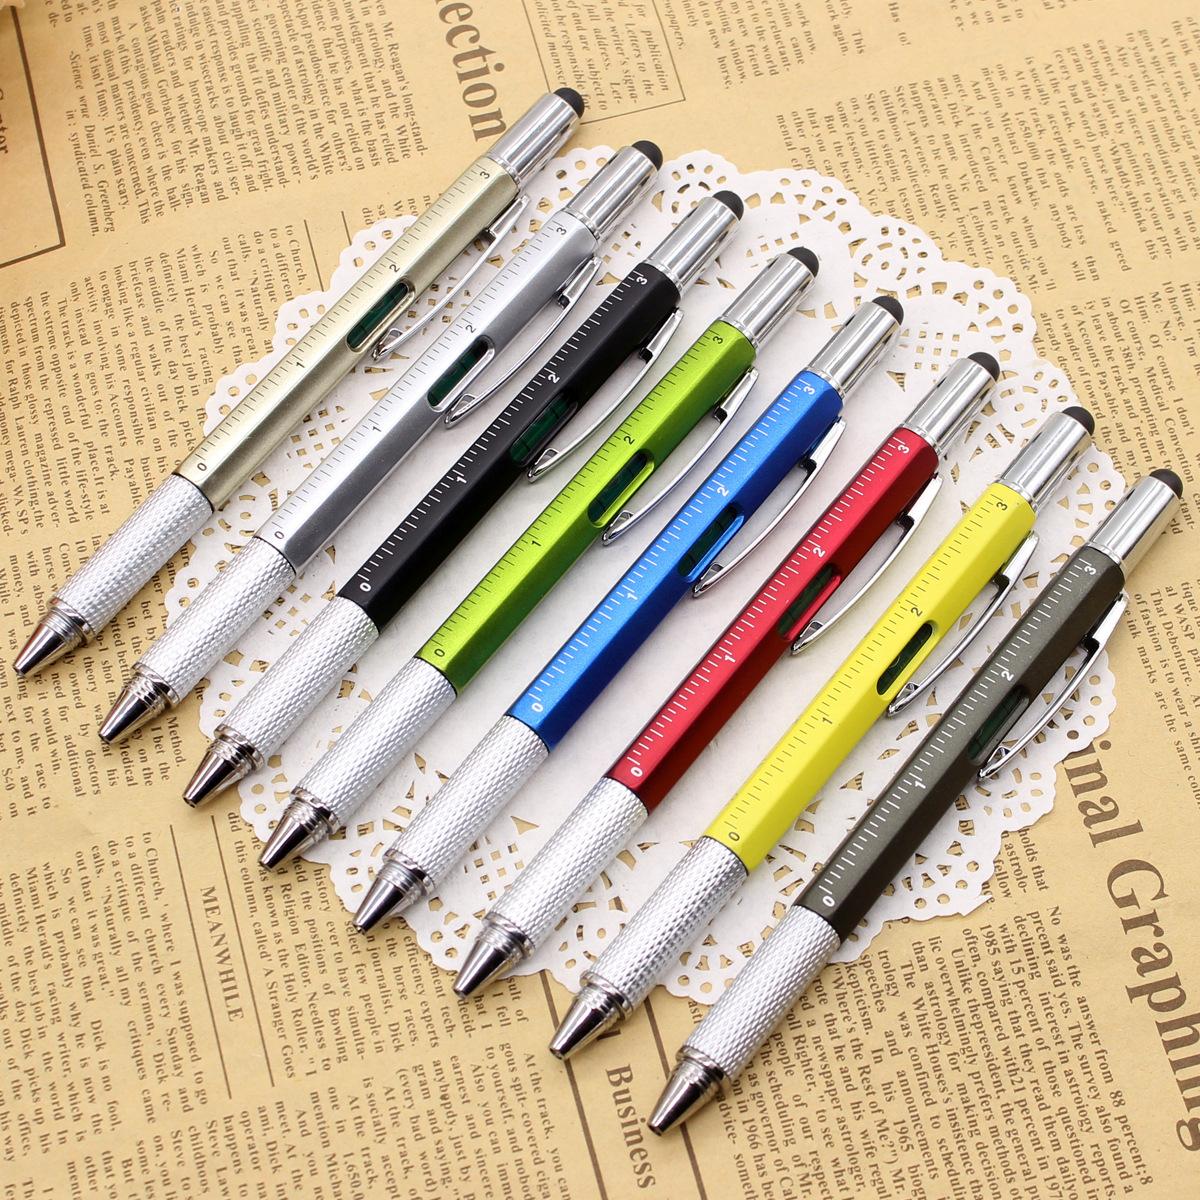 YINGGUO Bút bi Công cụ tuốc nơ vít đa chức năng caliper mức độ bút bi